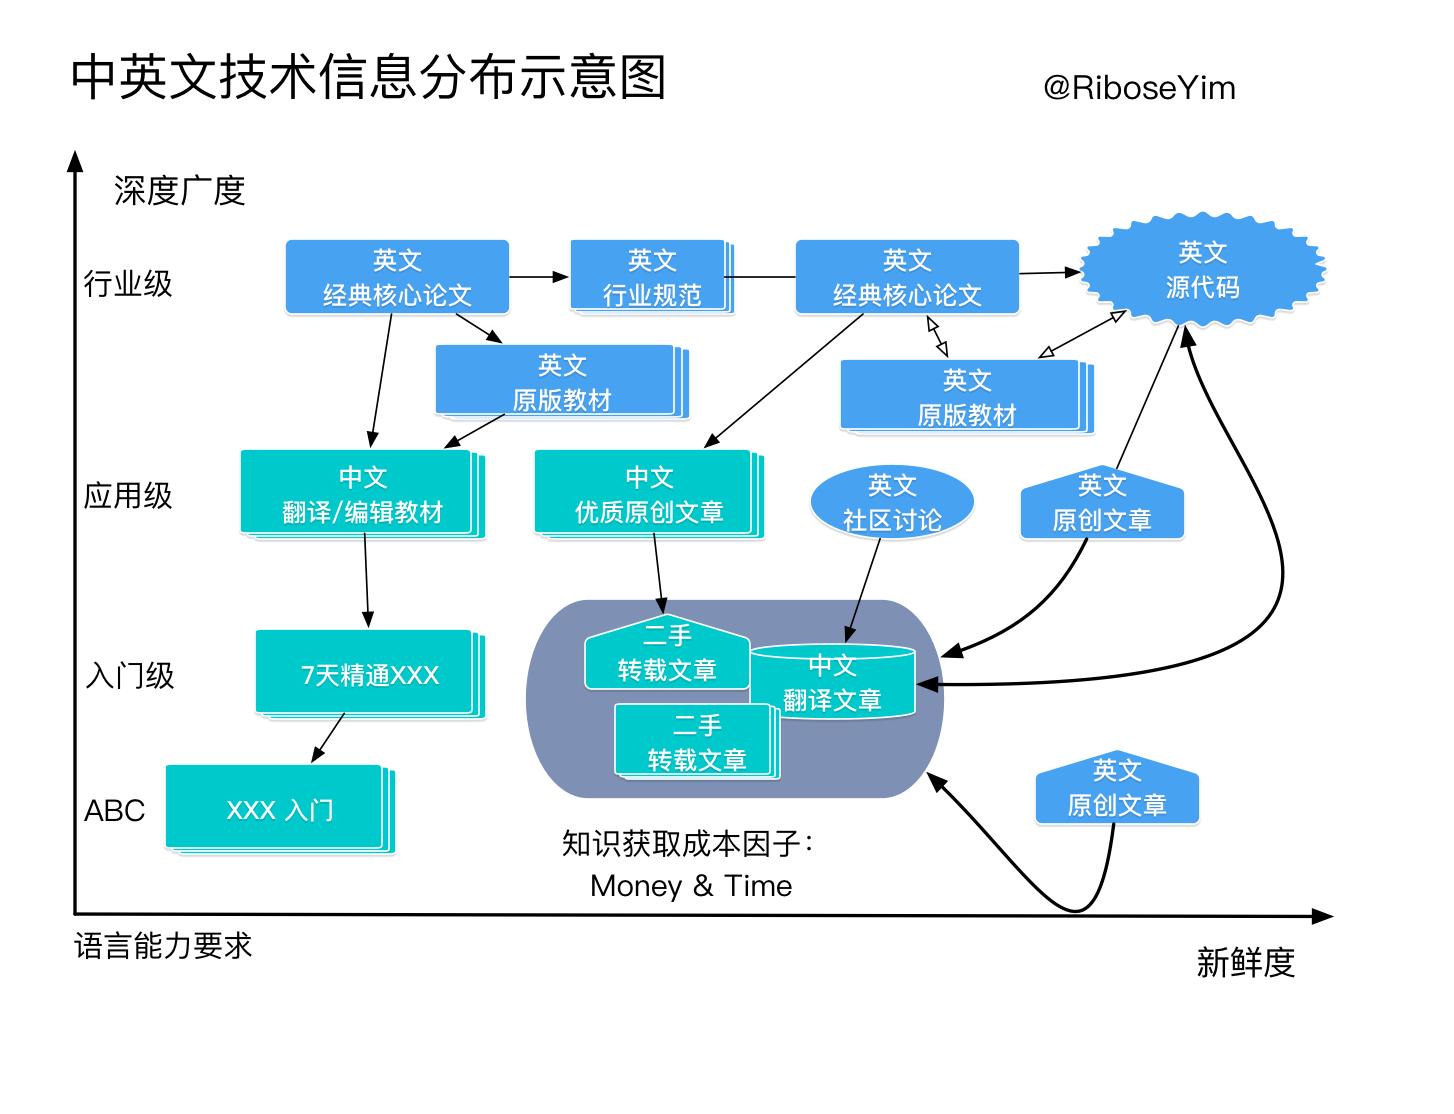 技术资料由英文转为中文目前还需要较长的周期